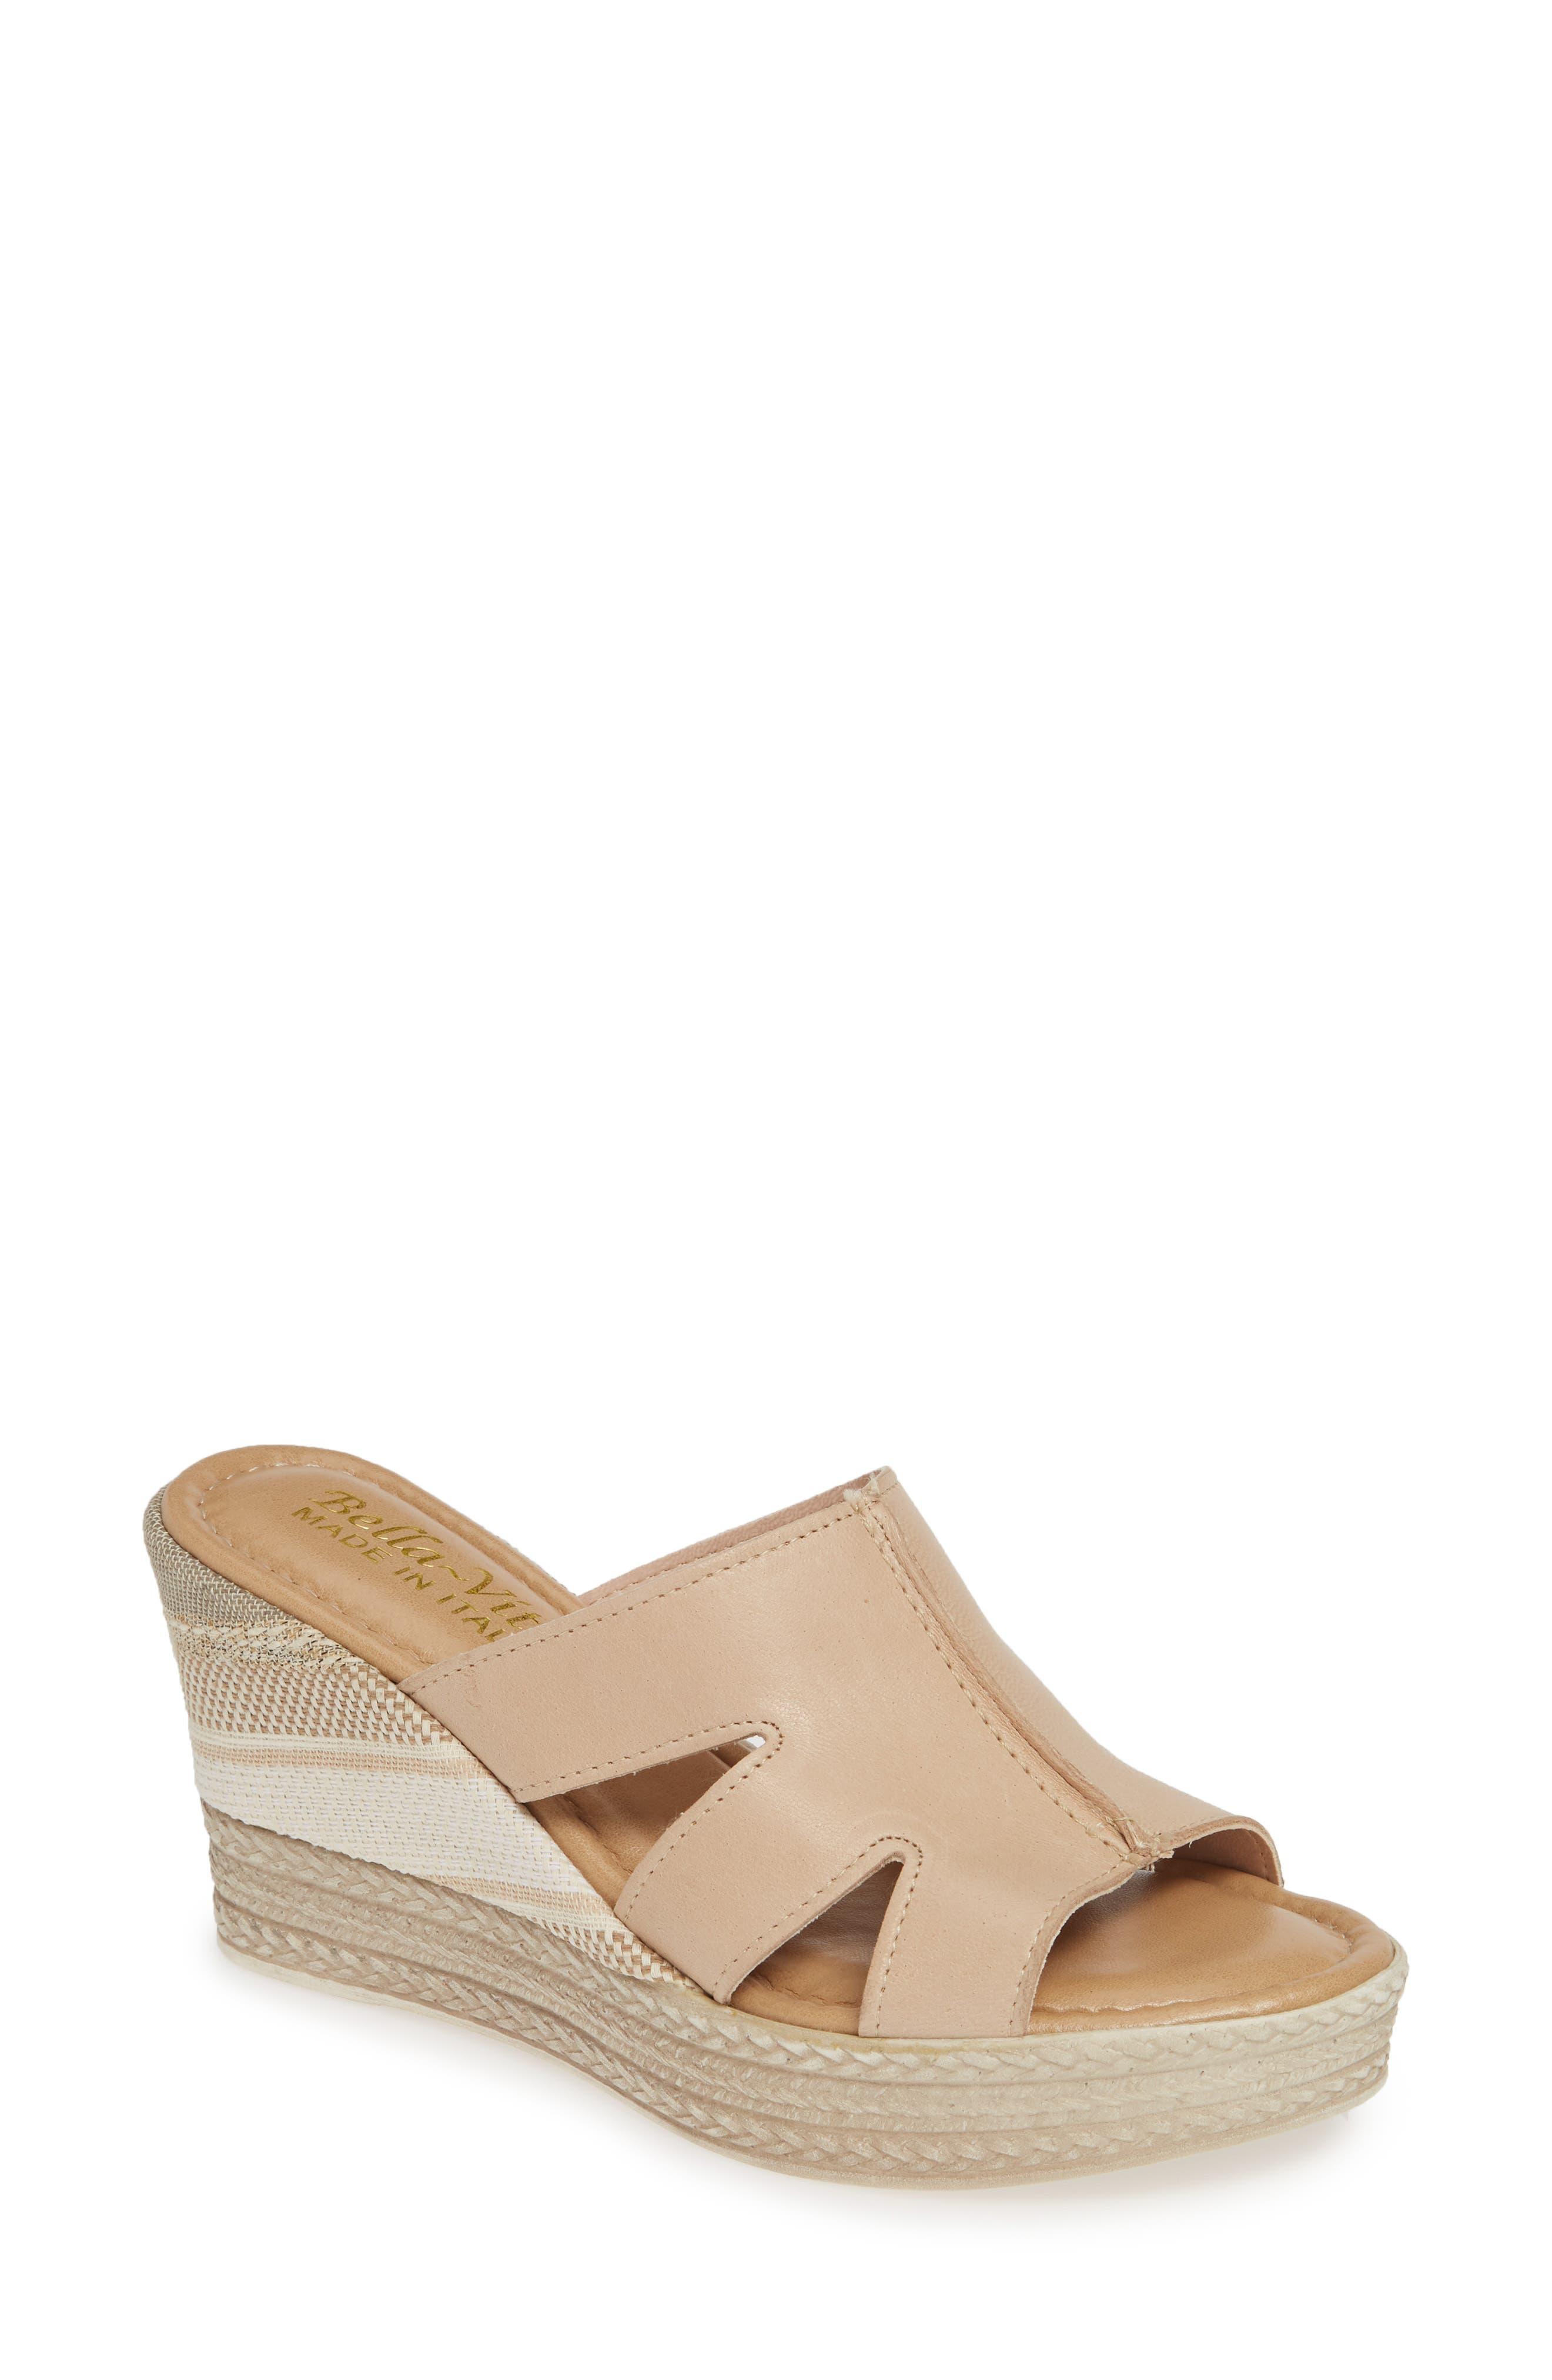 Bella Vita Rox Wedge Slide Sandal N - Pink